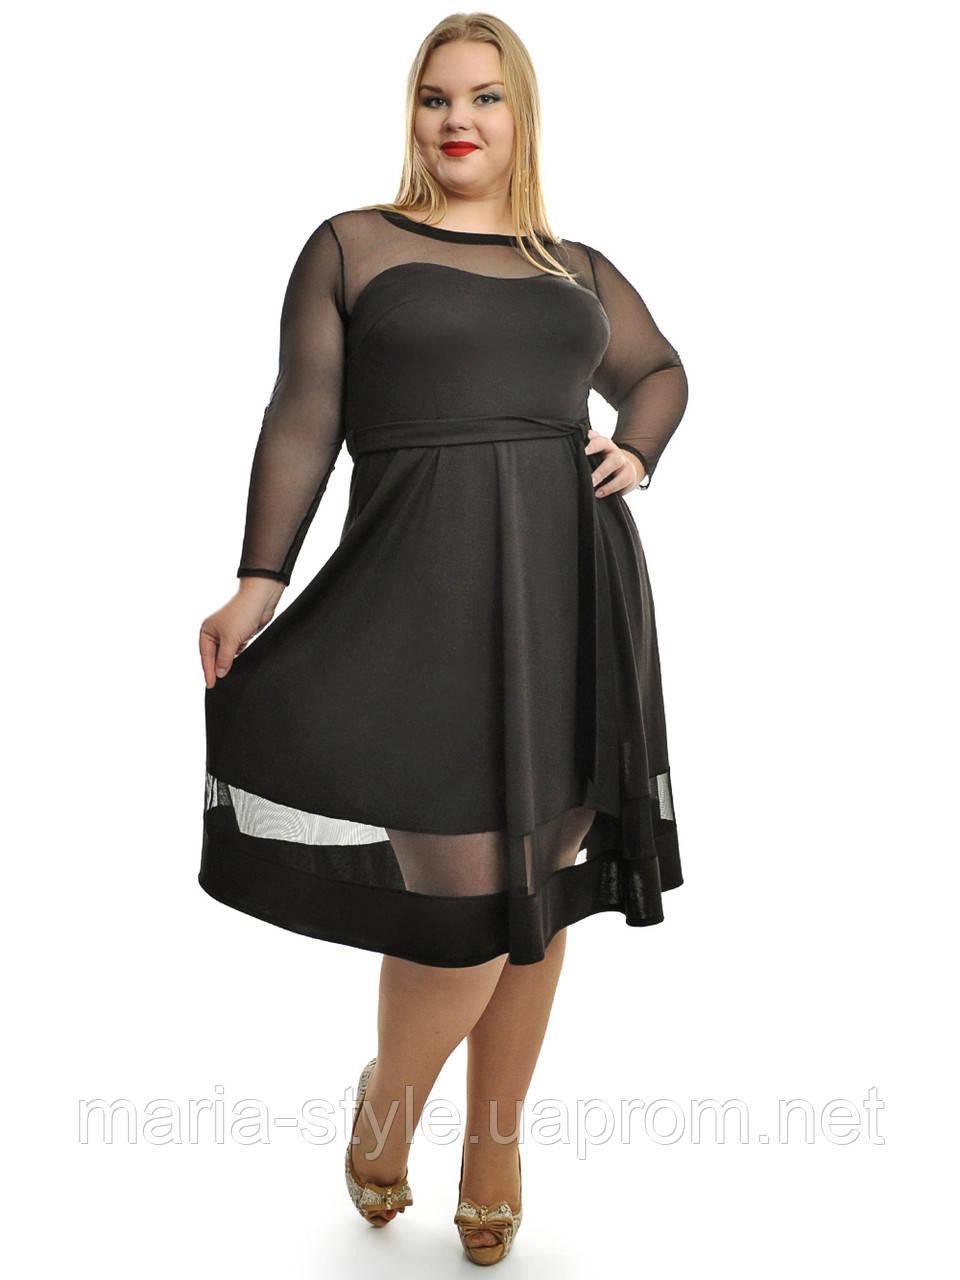 Женская одежда больших размеров оптом и в розницу, продажа ...